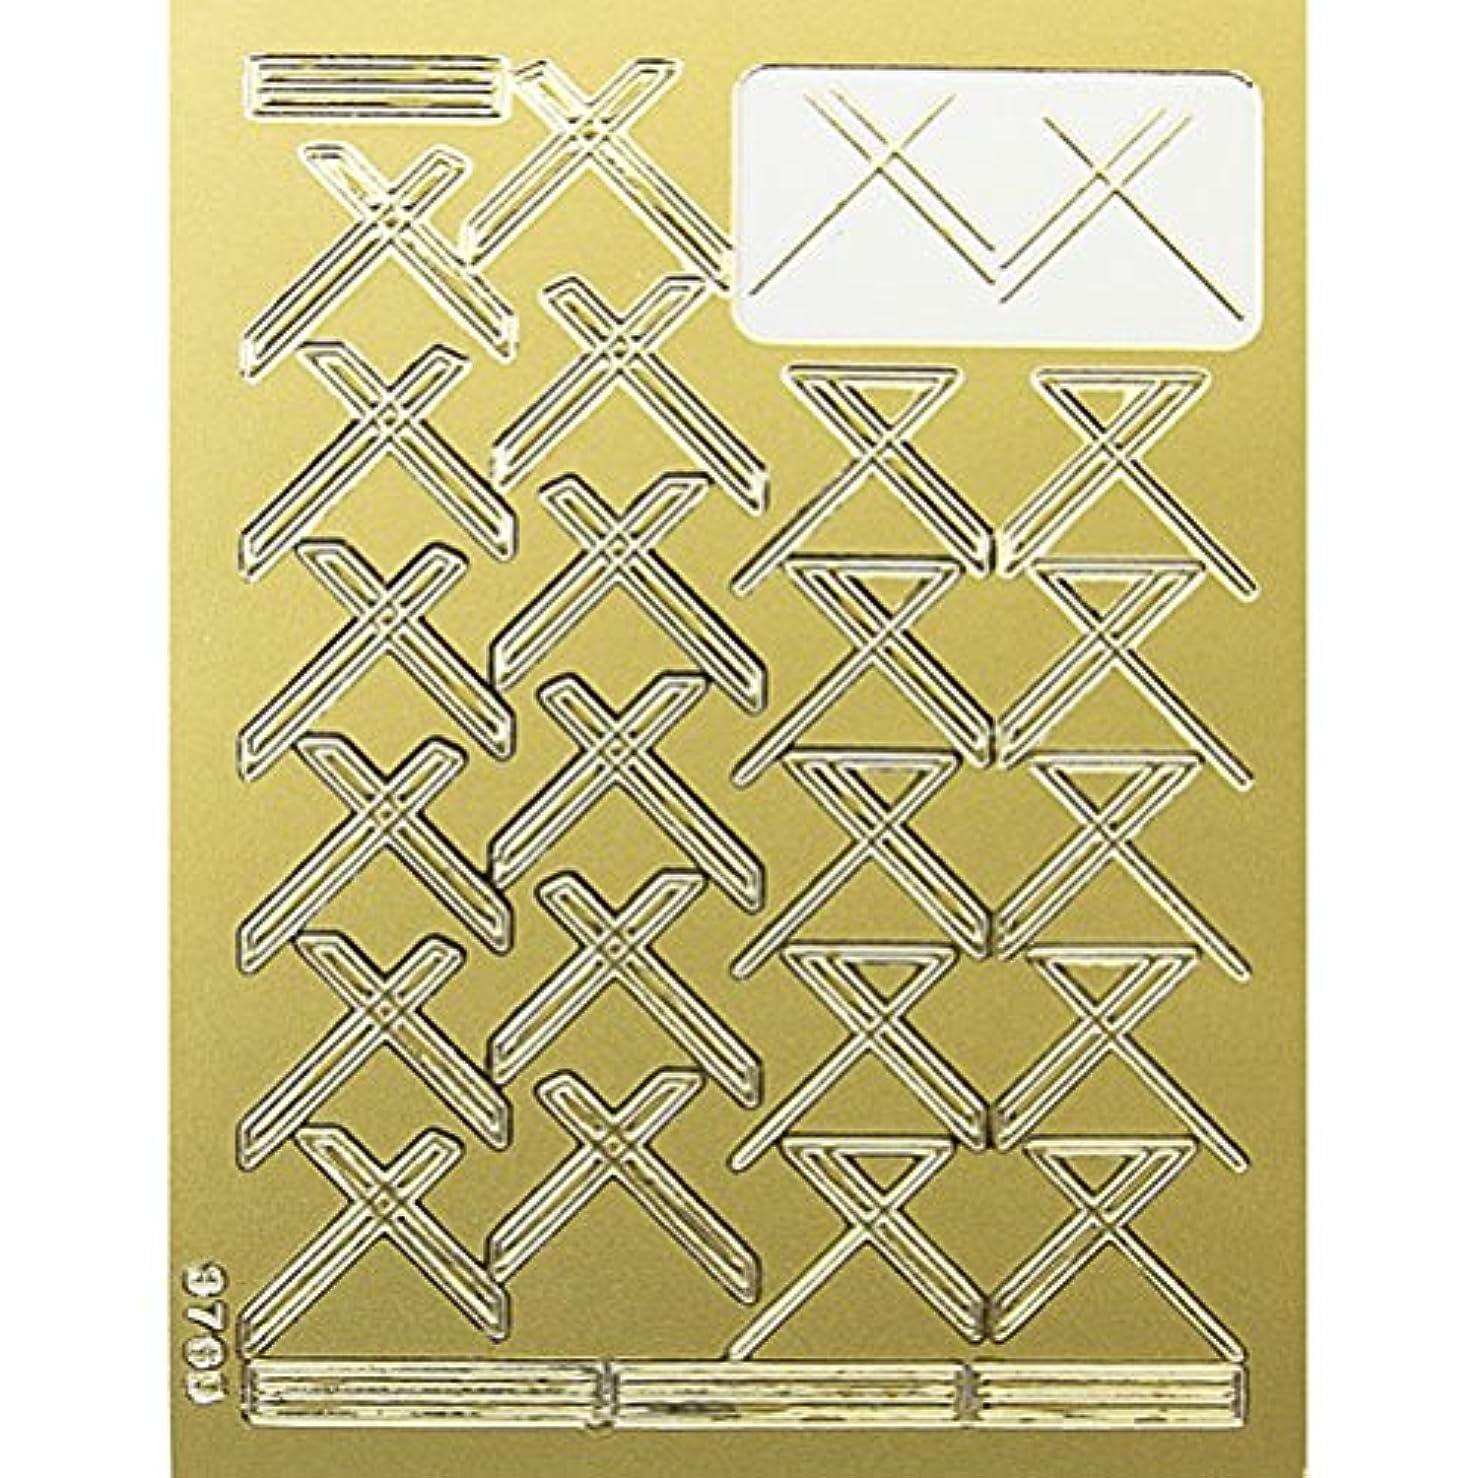 振動させる決定する耐えられるネイルエンボスシール ゴールドクロス 590-1001